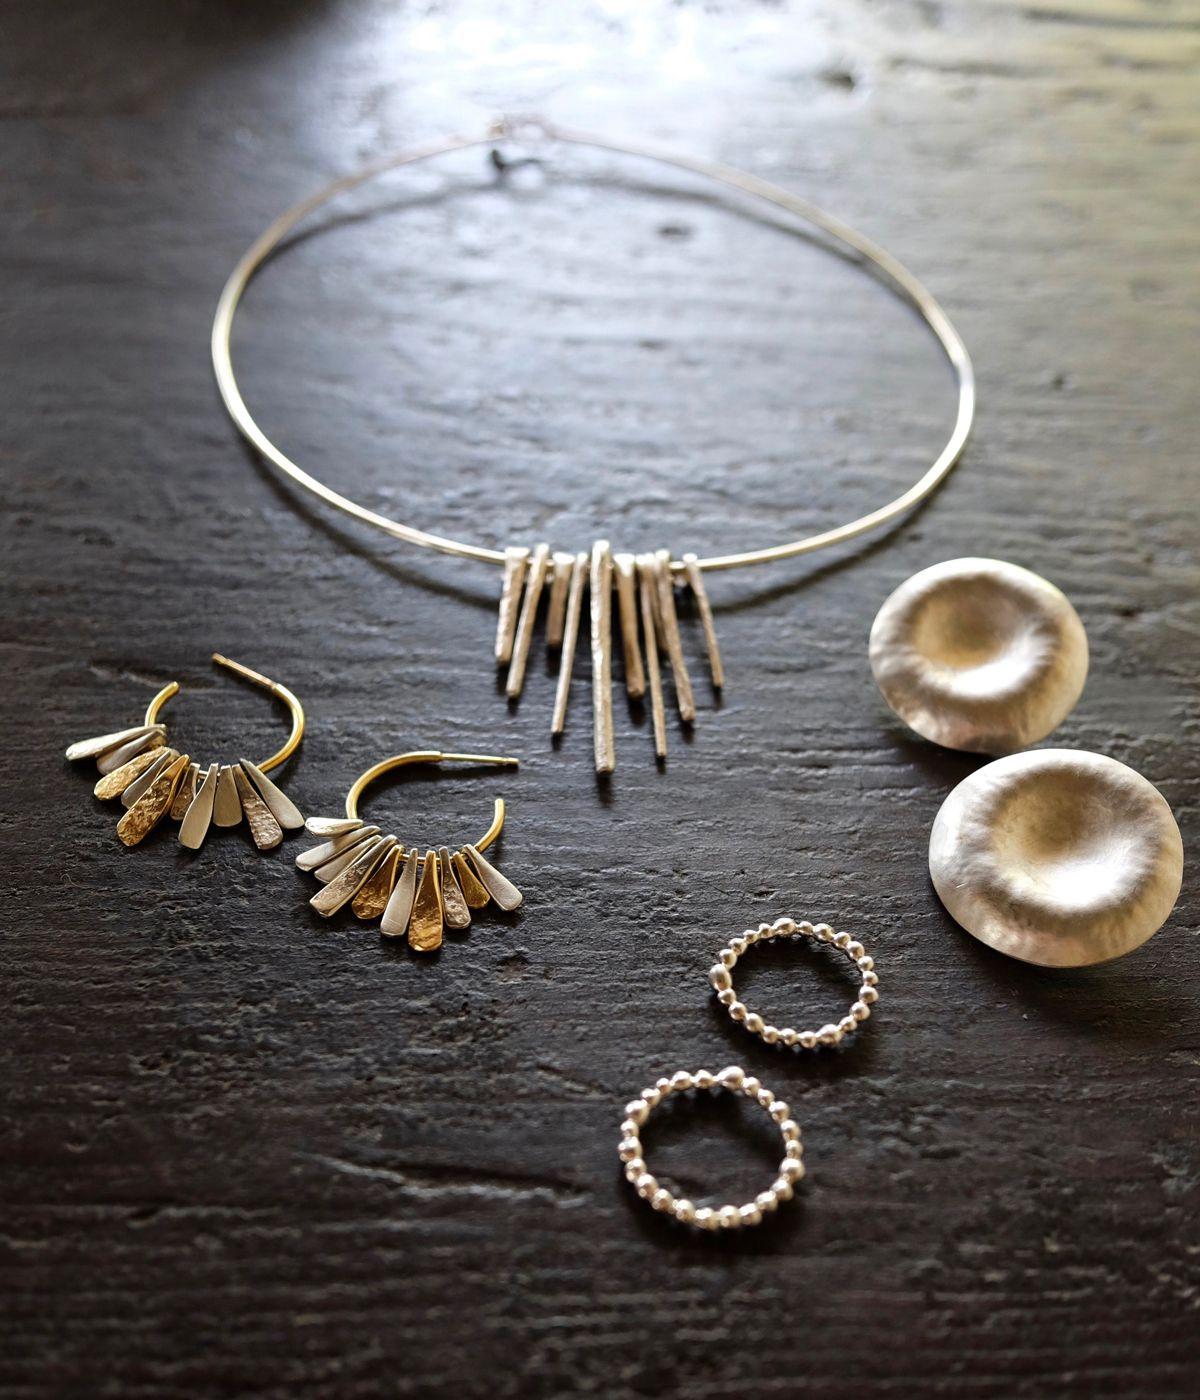 宇都宮 檀のジュエリーの数々。(上)EDA chorker、(右)hamon earring、(左)deco earring 、(下)planet eternity ring